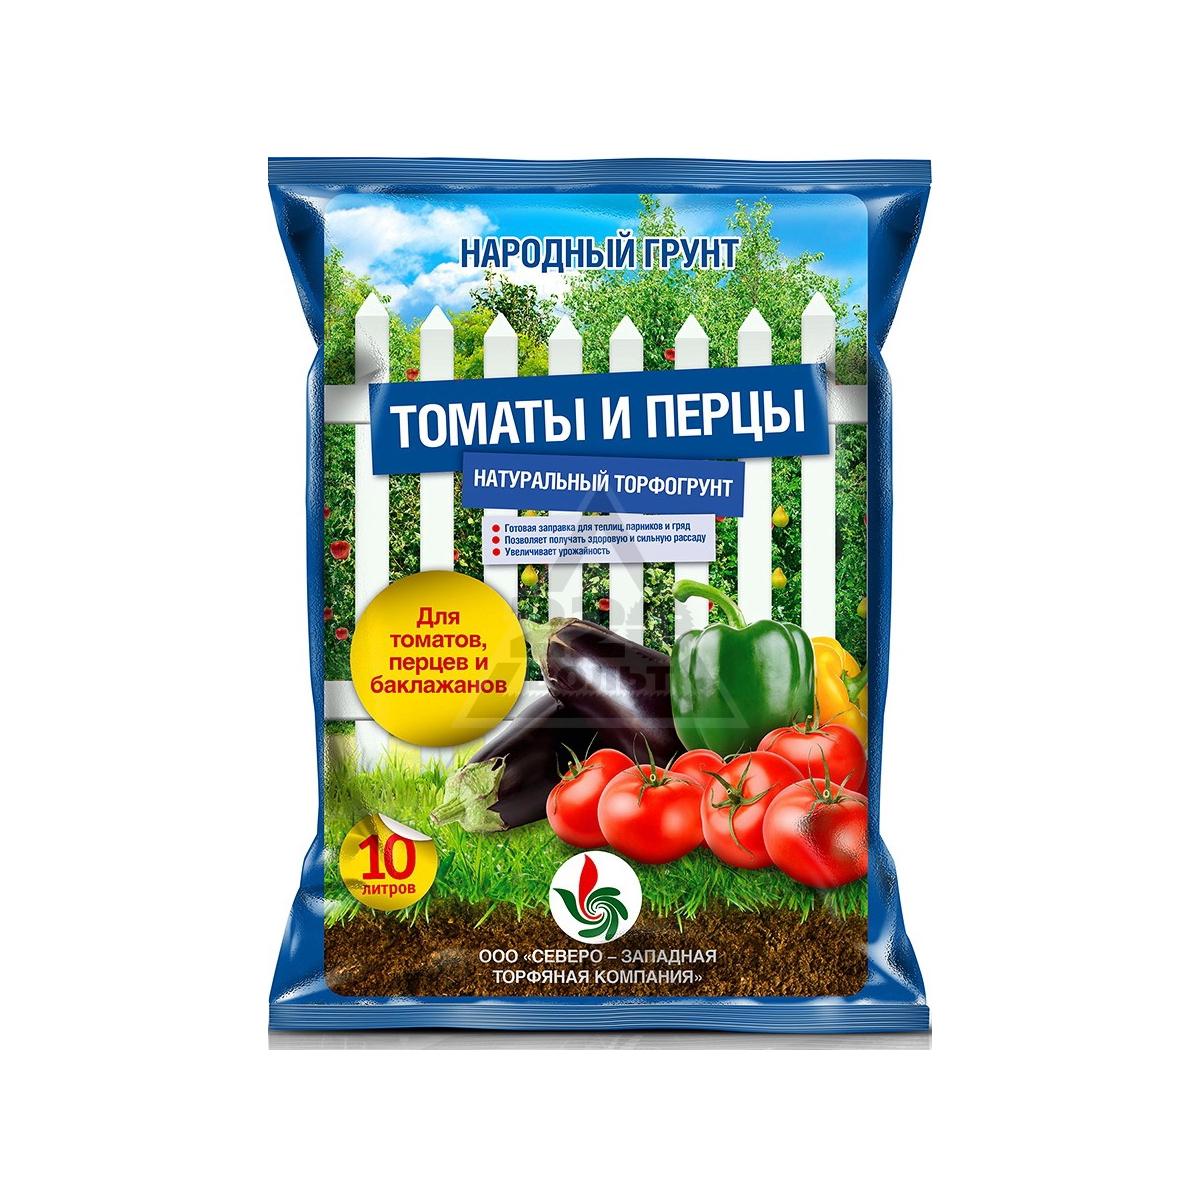 Как подготовить землю для рассады томатов